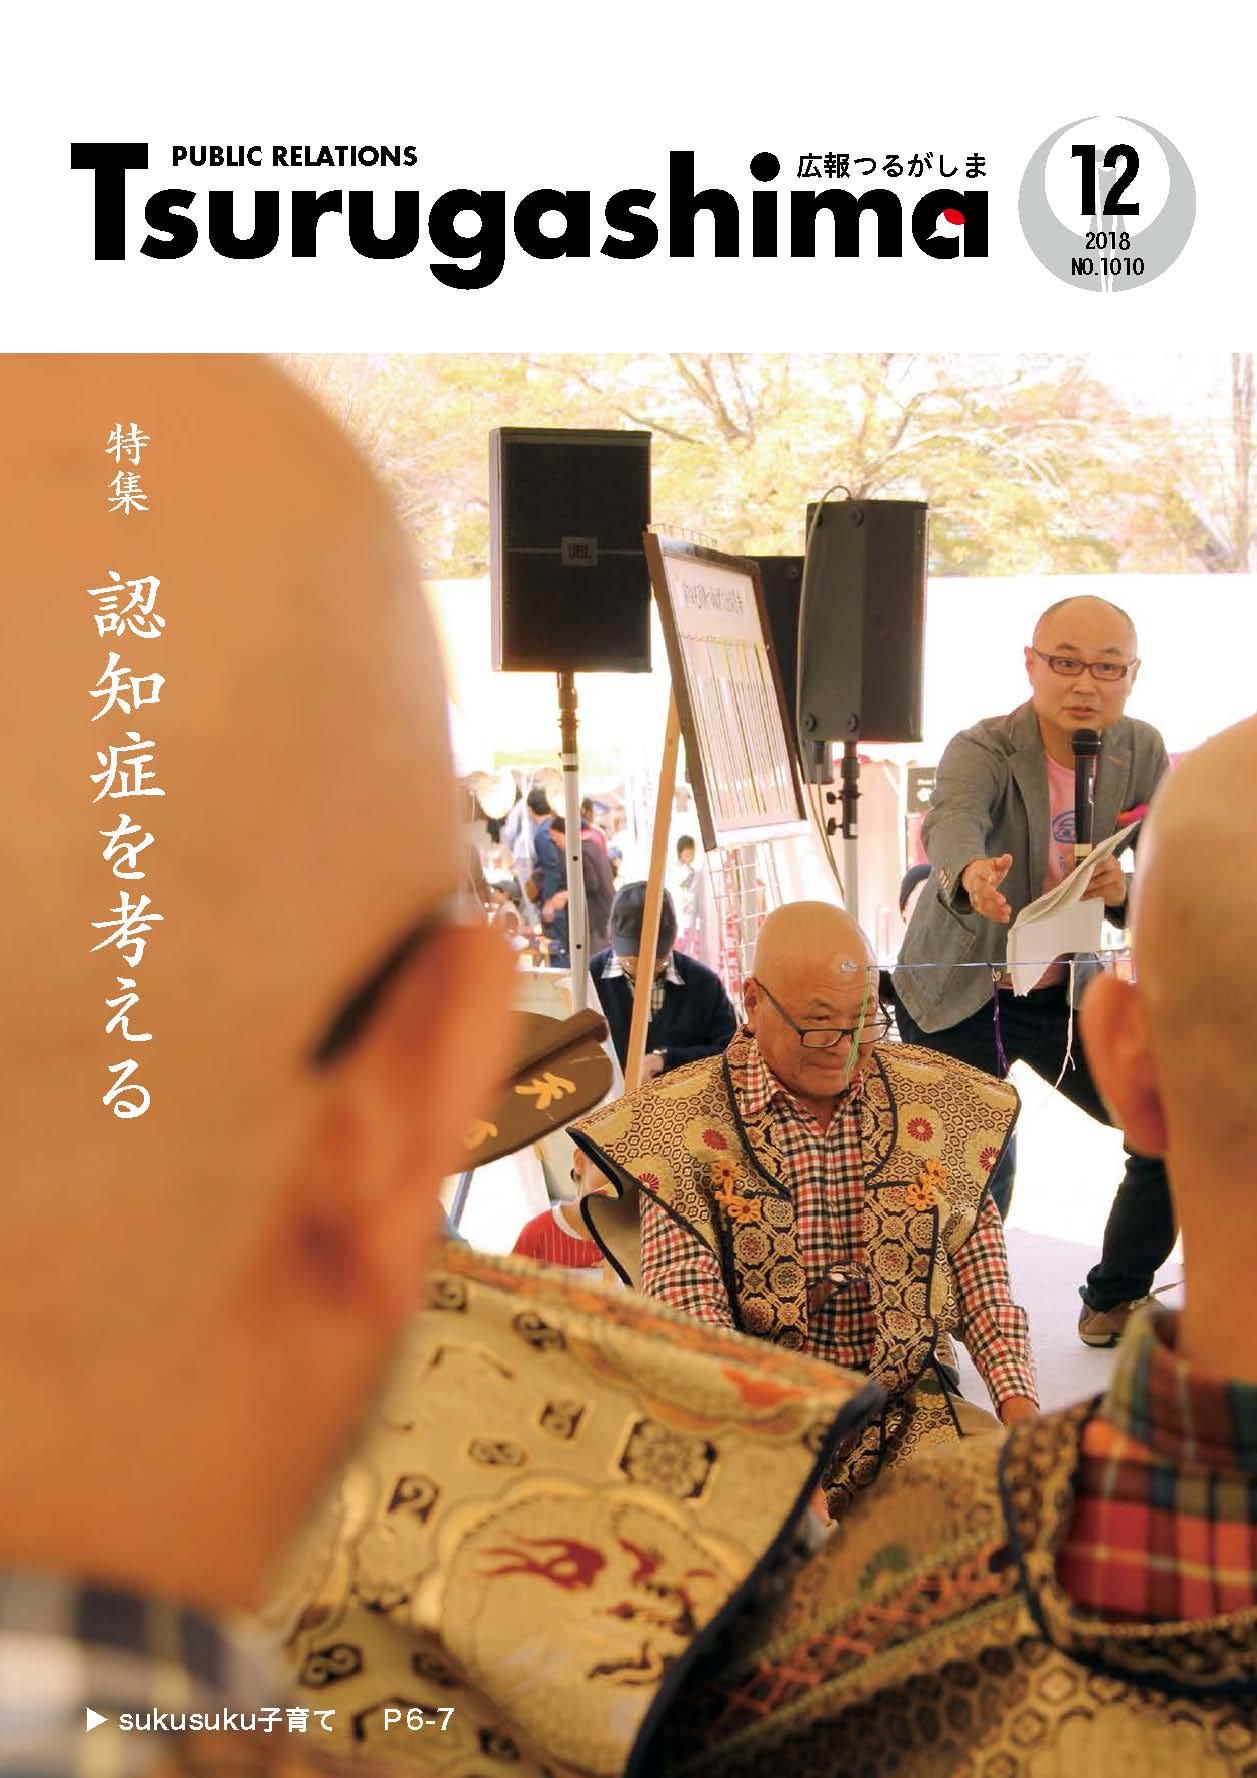 『平成30年広報つるがしま12月号』の画像